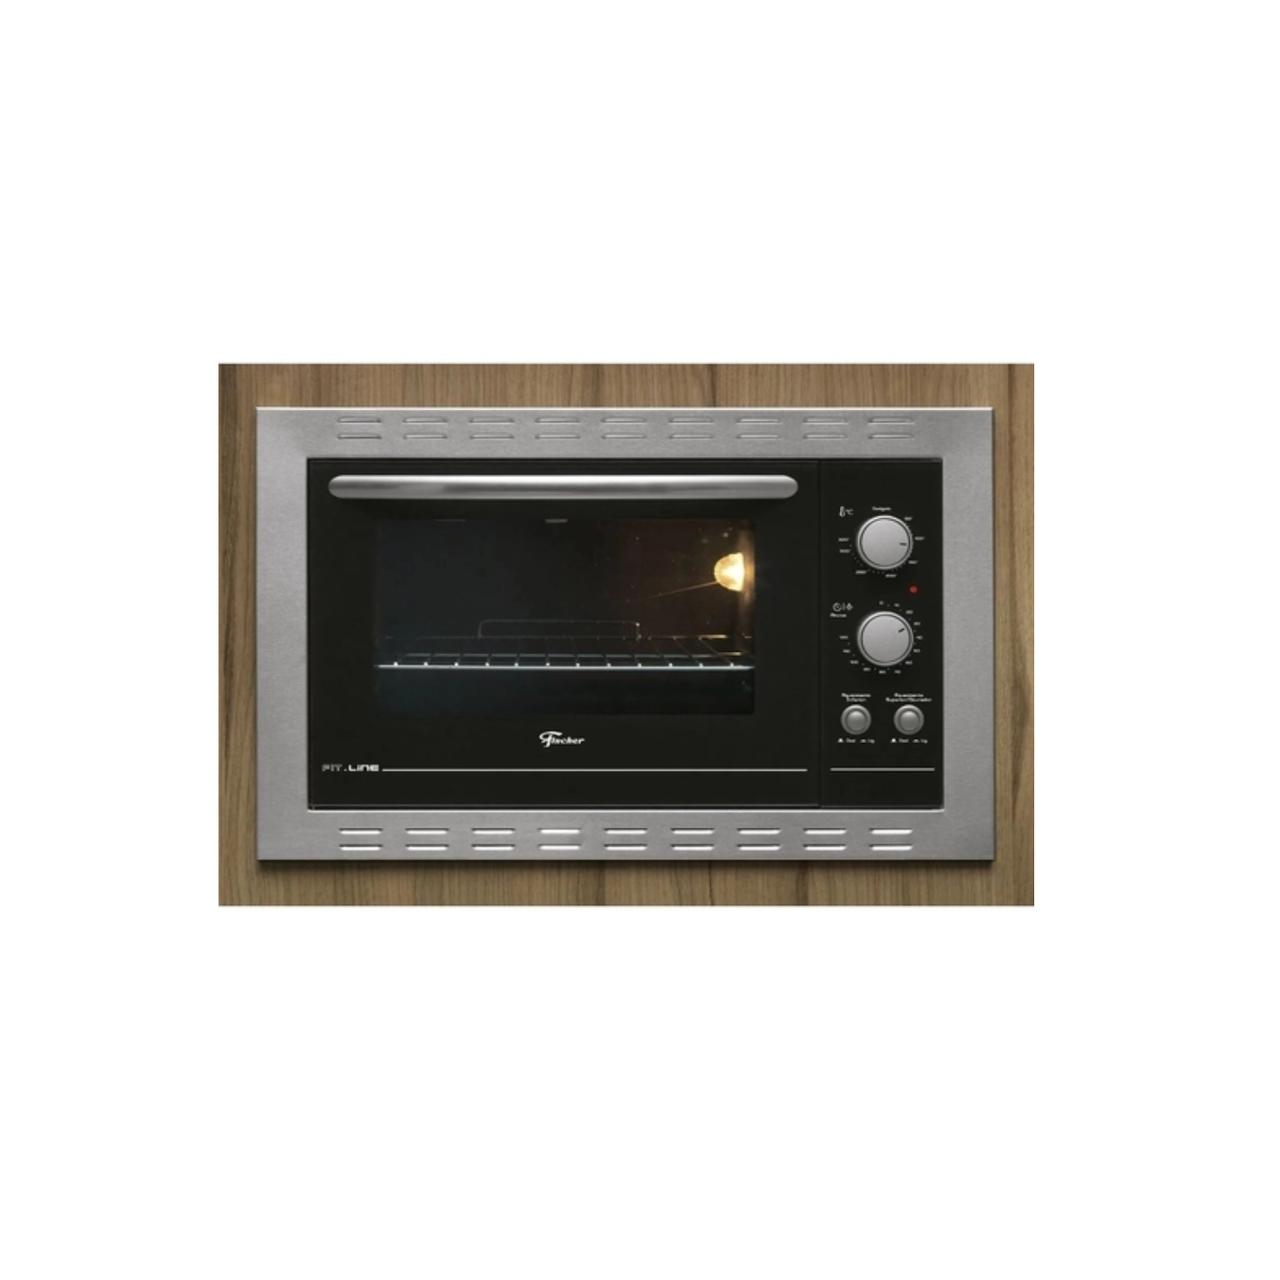 Kit Forno Elétrico 44 L E Micro-Ondas com 8 Funções de Embutir em Aço Inox Fischer 127 V